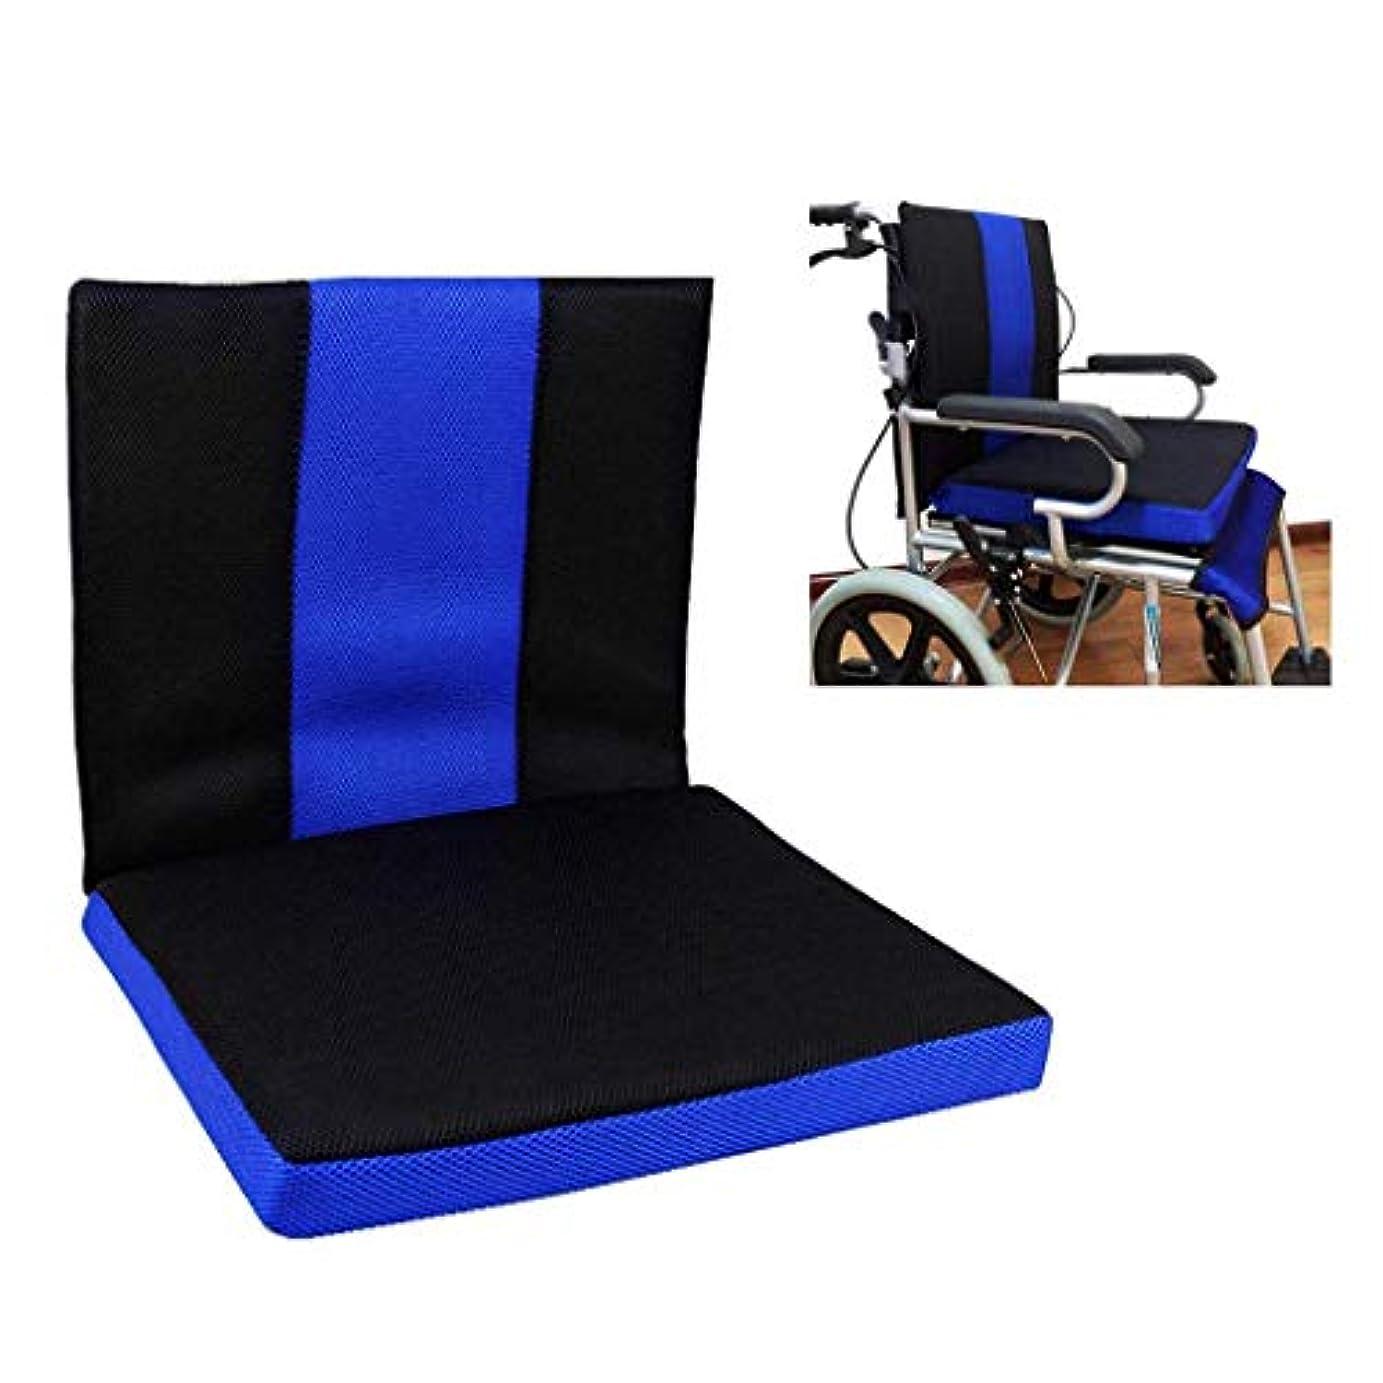 チューインガム土砂降り仕様車椅子のクッション、アンチ褥瘡ハニカムクッション通気性の快適車椅子戻るオックスフォード布素材のクッション